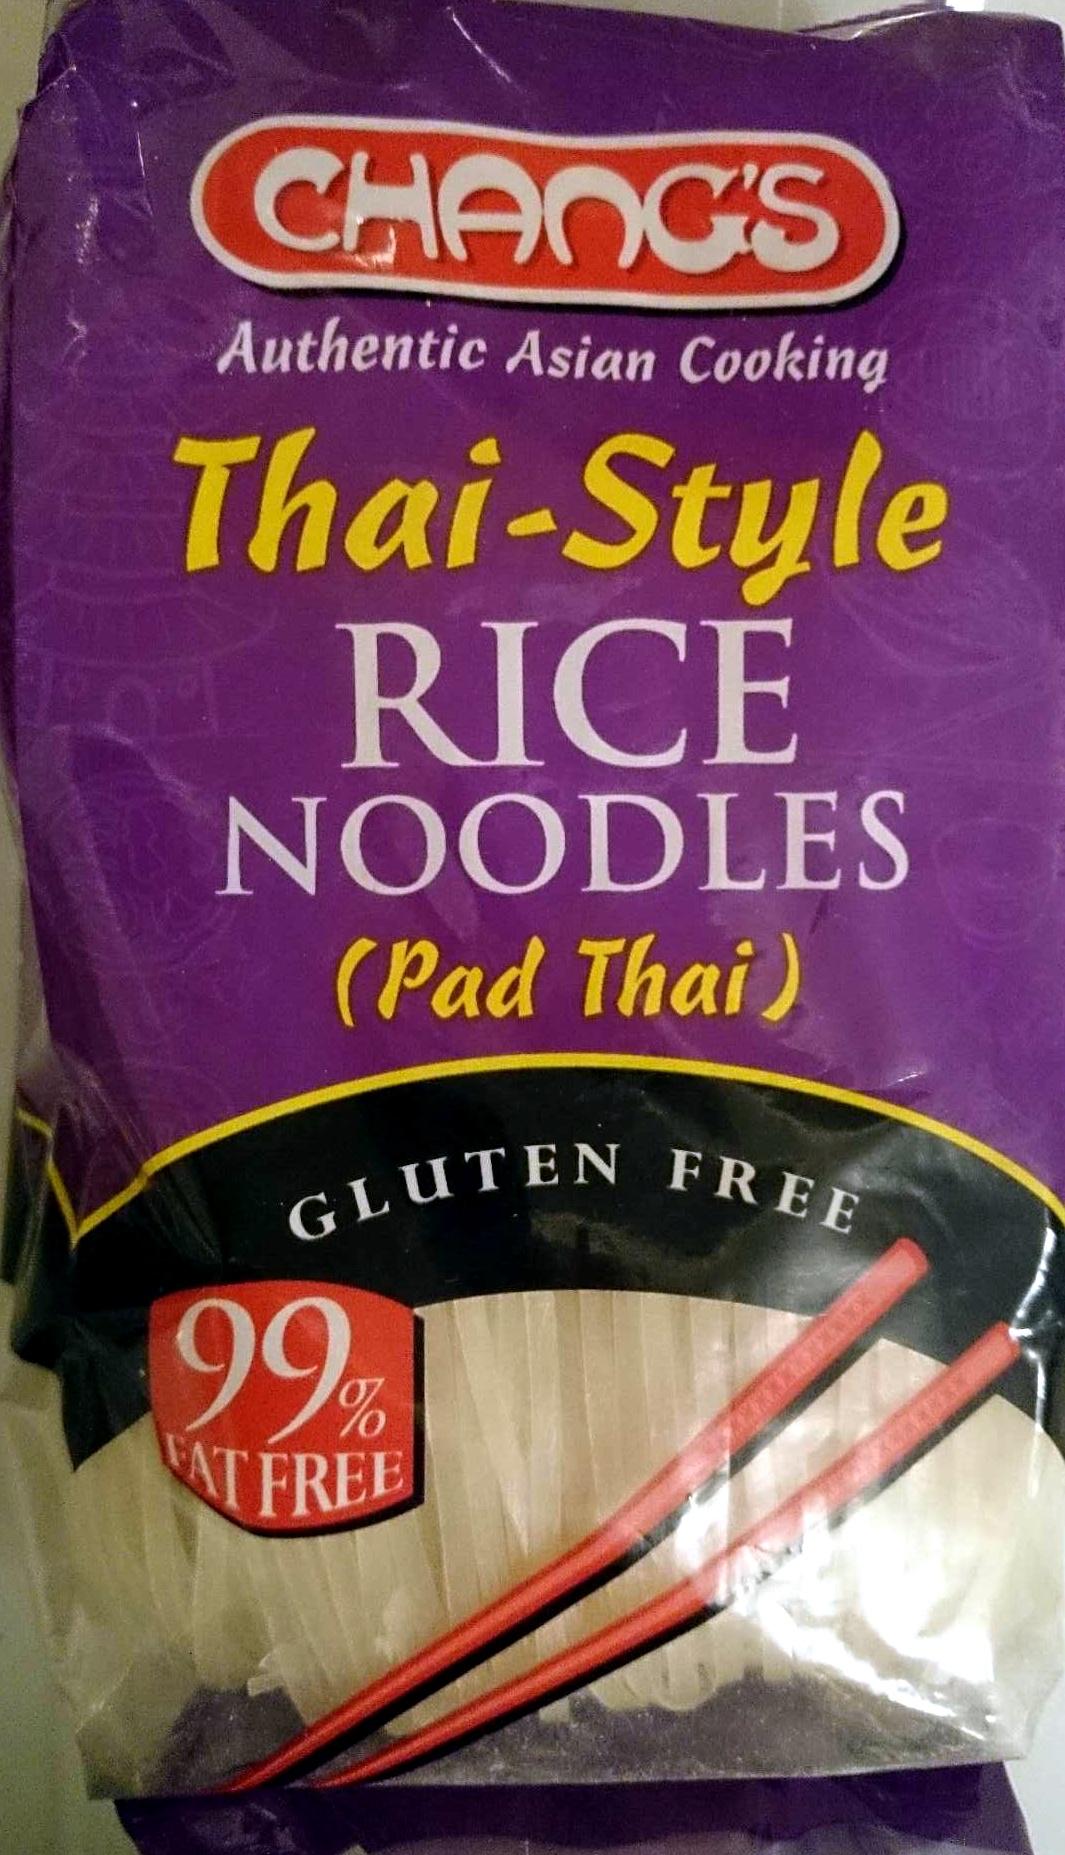 Thai Style Rice Noodles (Pad Thai) - Product - en